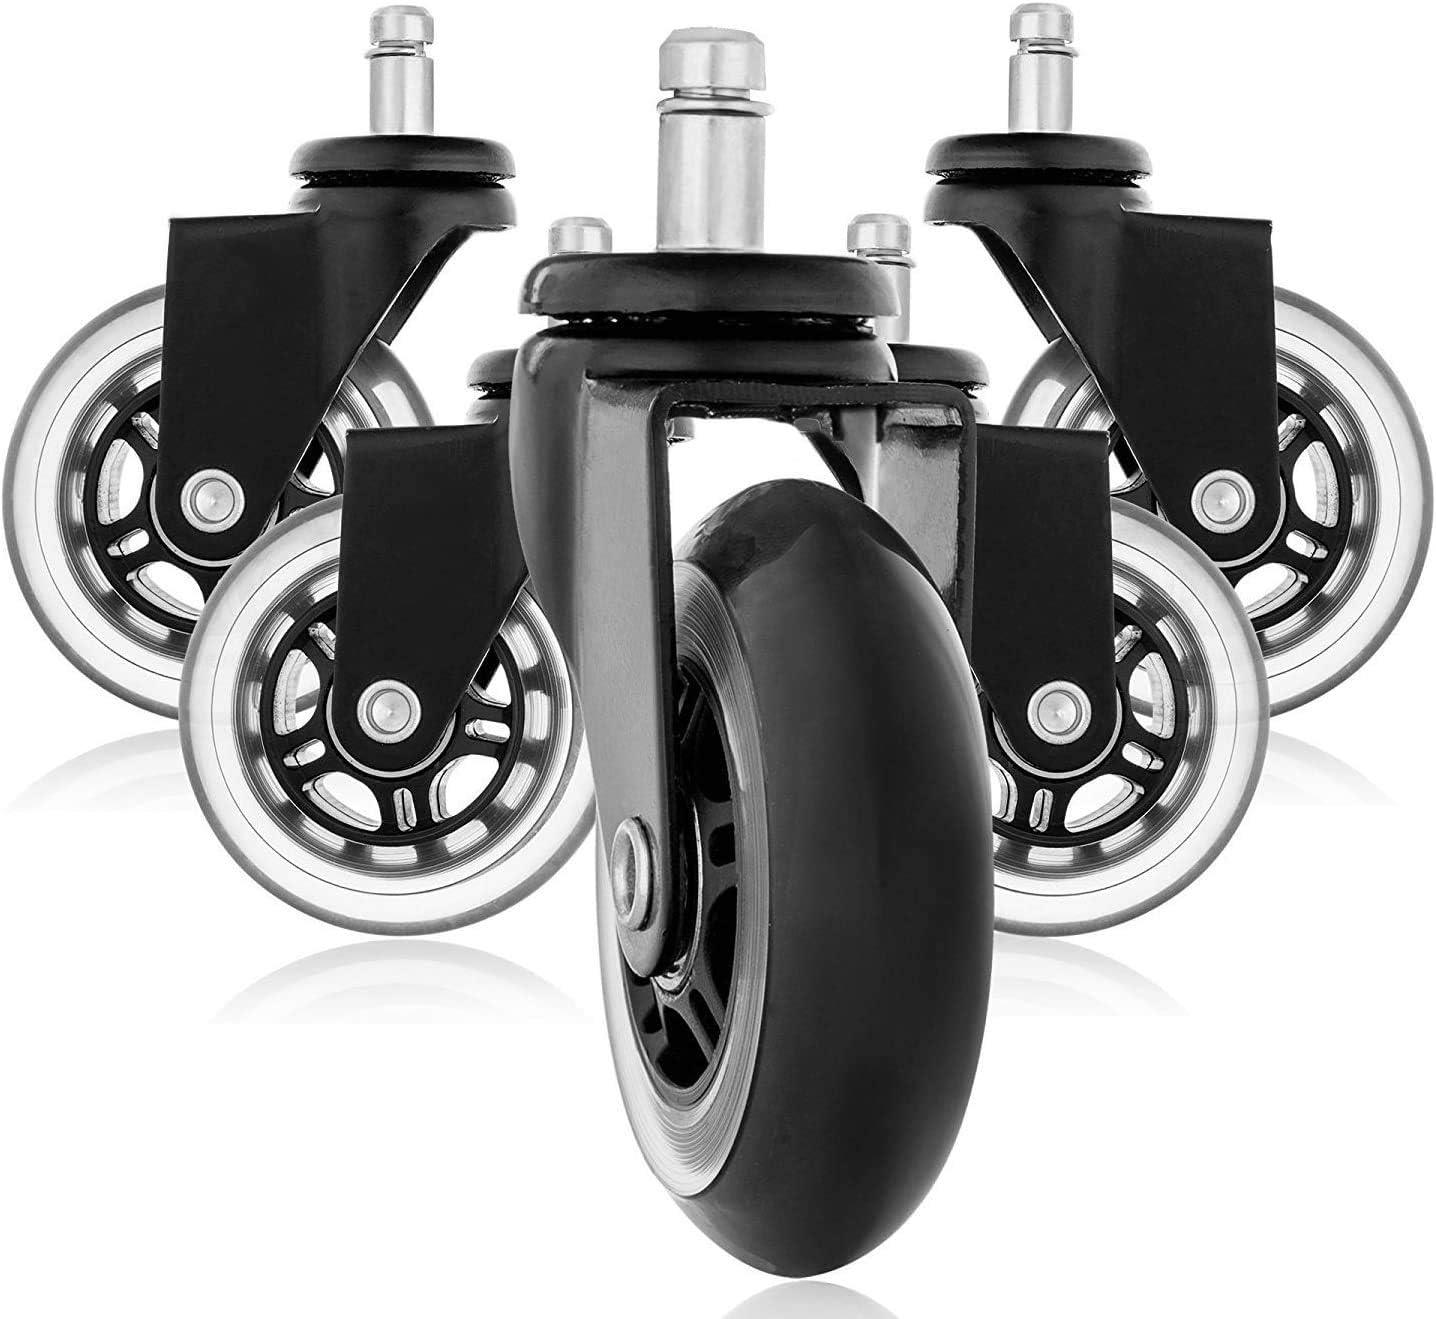 Copapa Lot de 5 roulettes de protection de sol en caoutchouc pour chaise de bureau M10 x 12 mm Noir